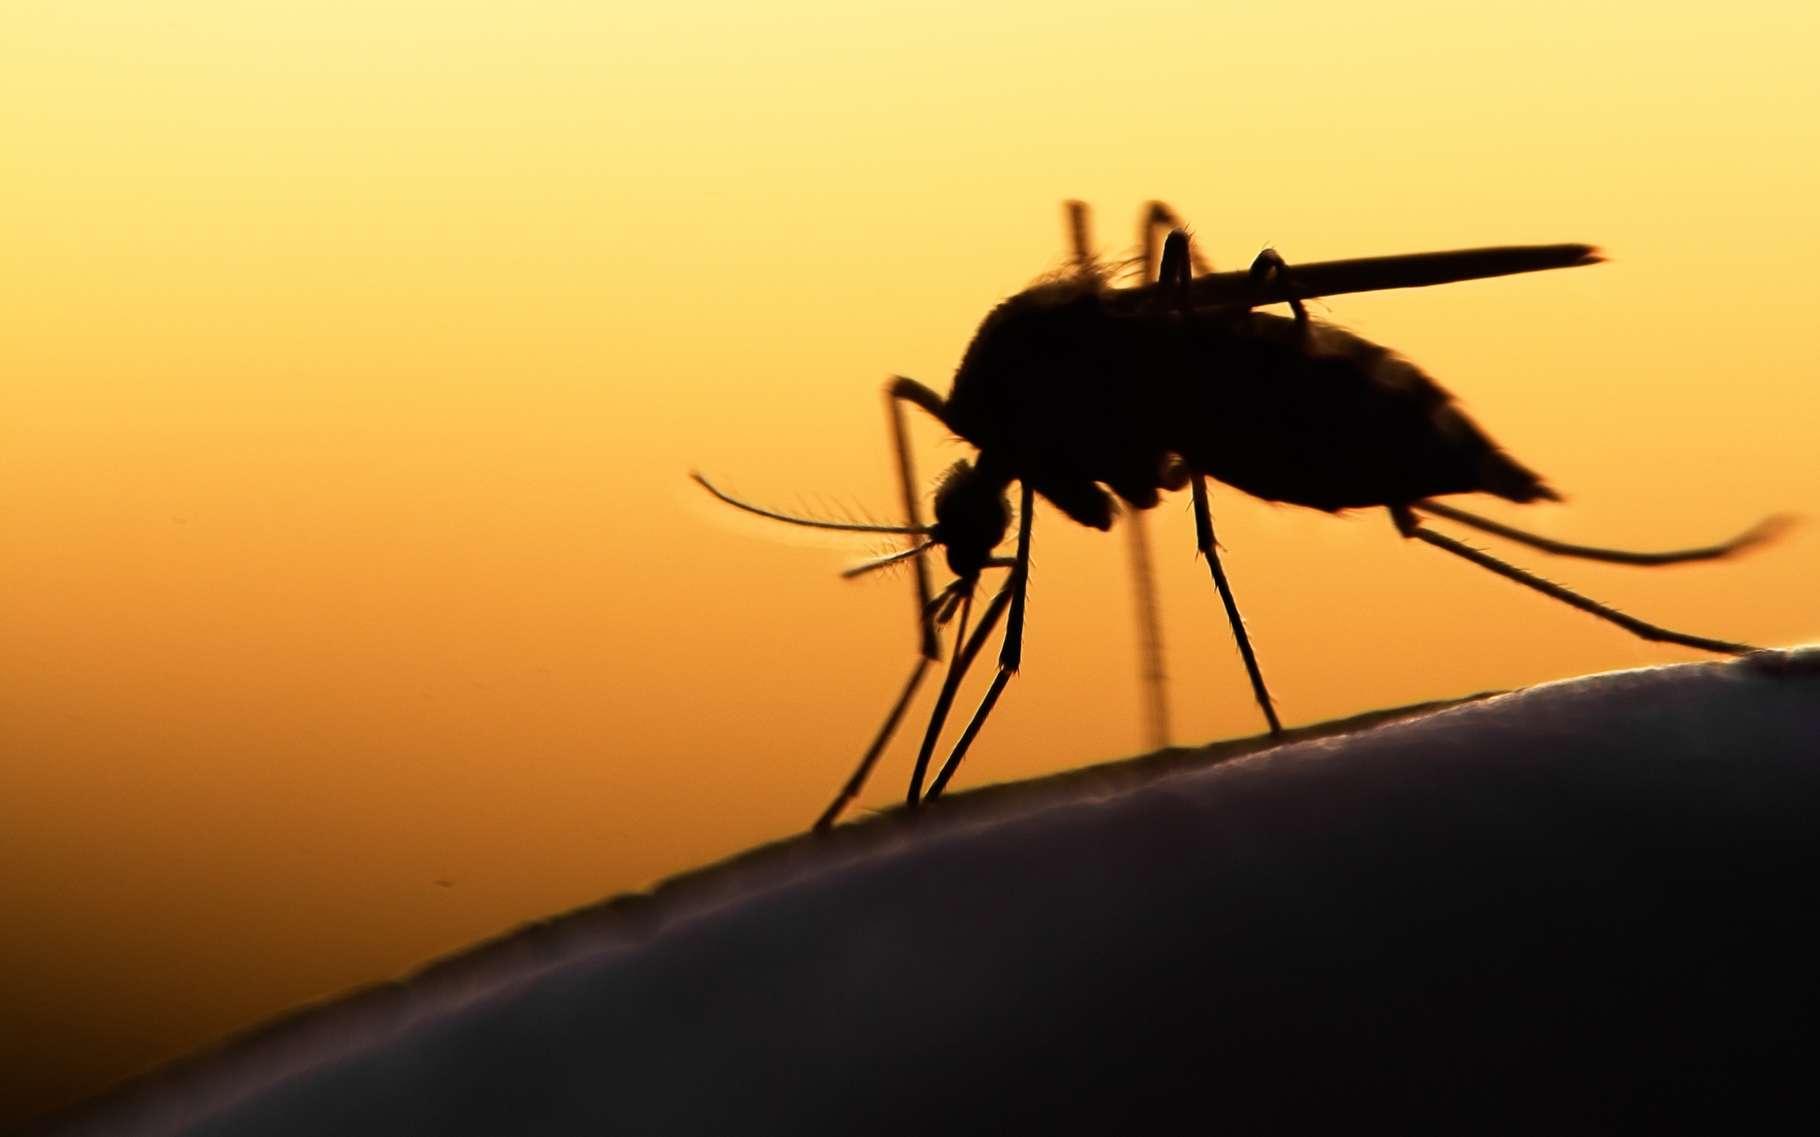 Le Brésil est l'un des pays les plus touchés par le virus Zika. Le concept de panneau publicitaire piège à moustique est une tentative inédite qui pourrait faire école. © Mycteria, Shutterstock